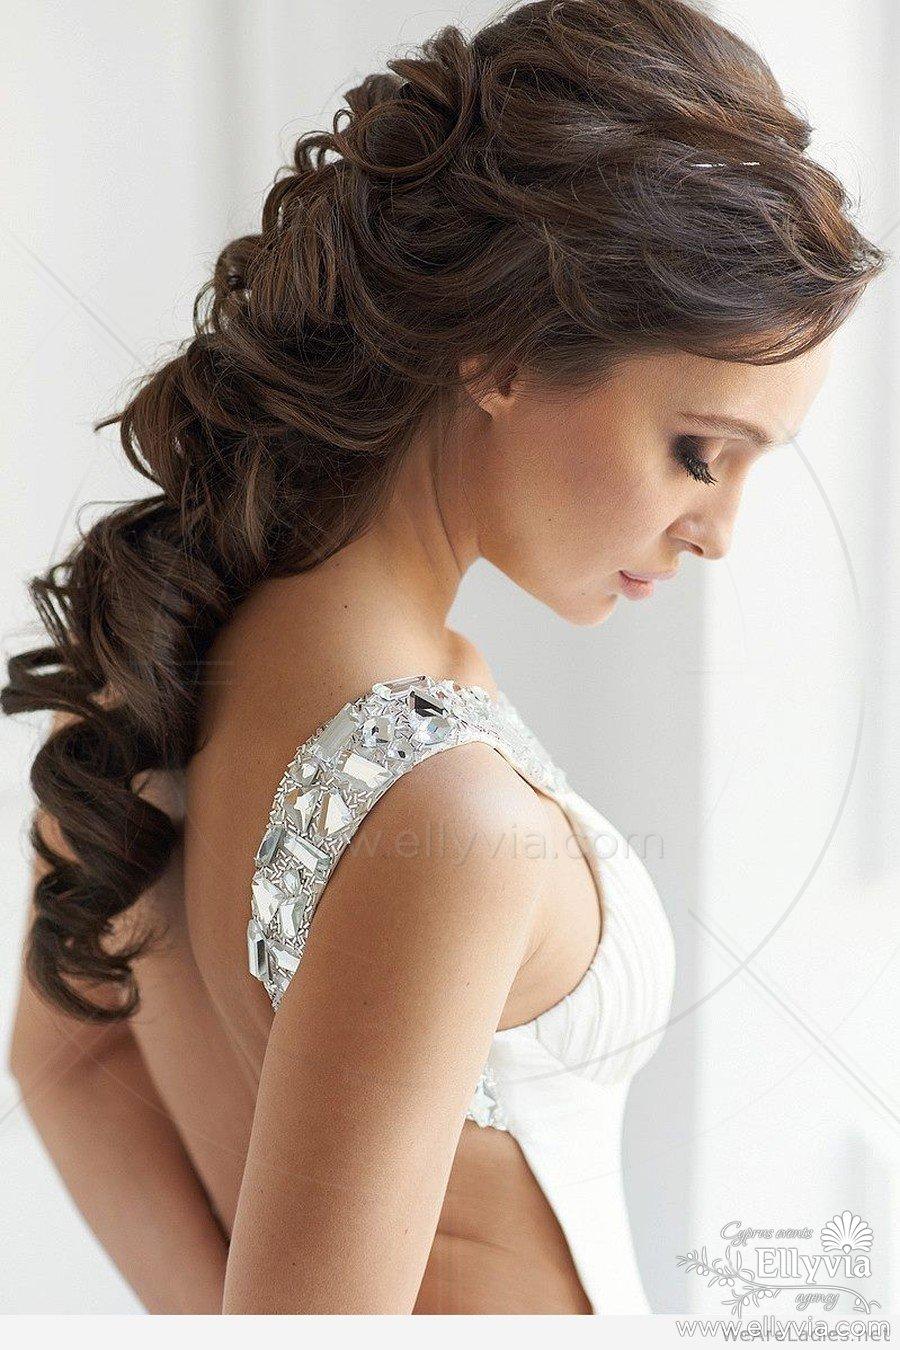 Красивые платья и причёски фото